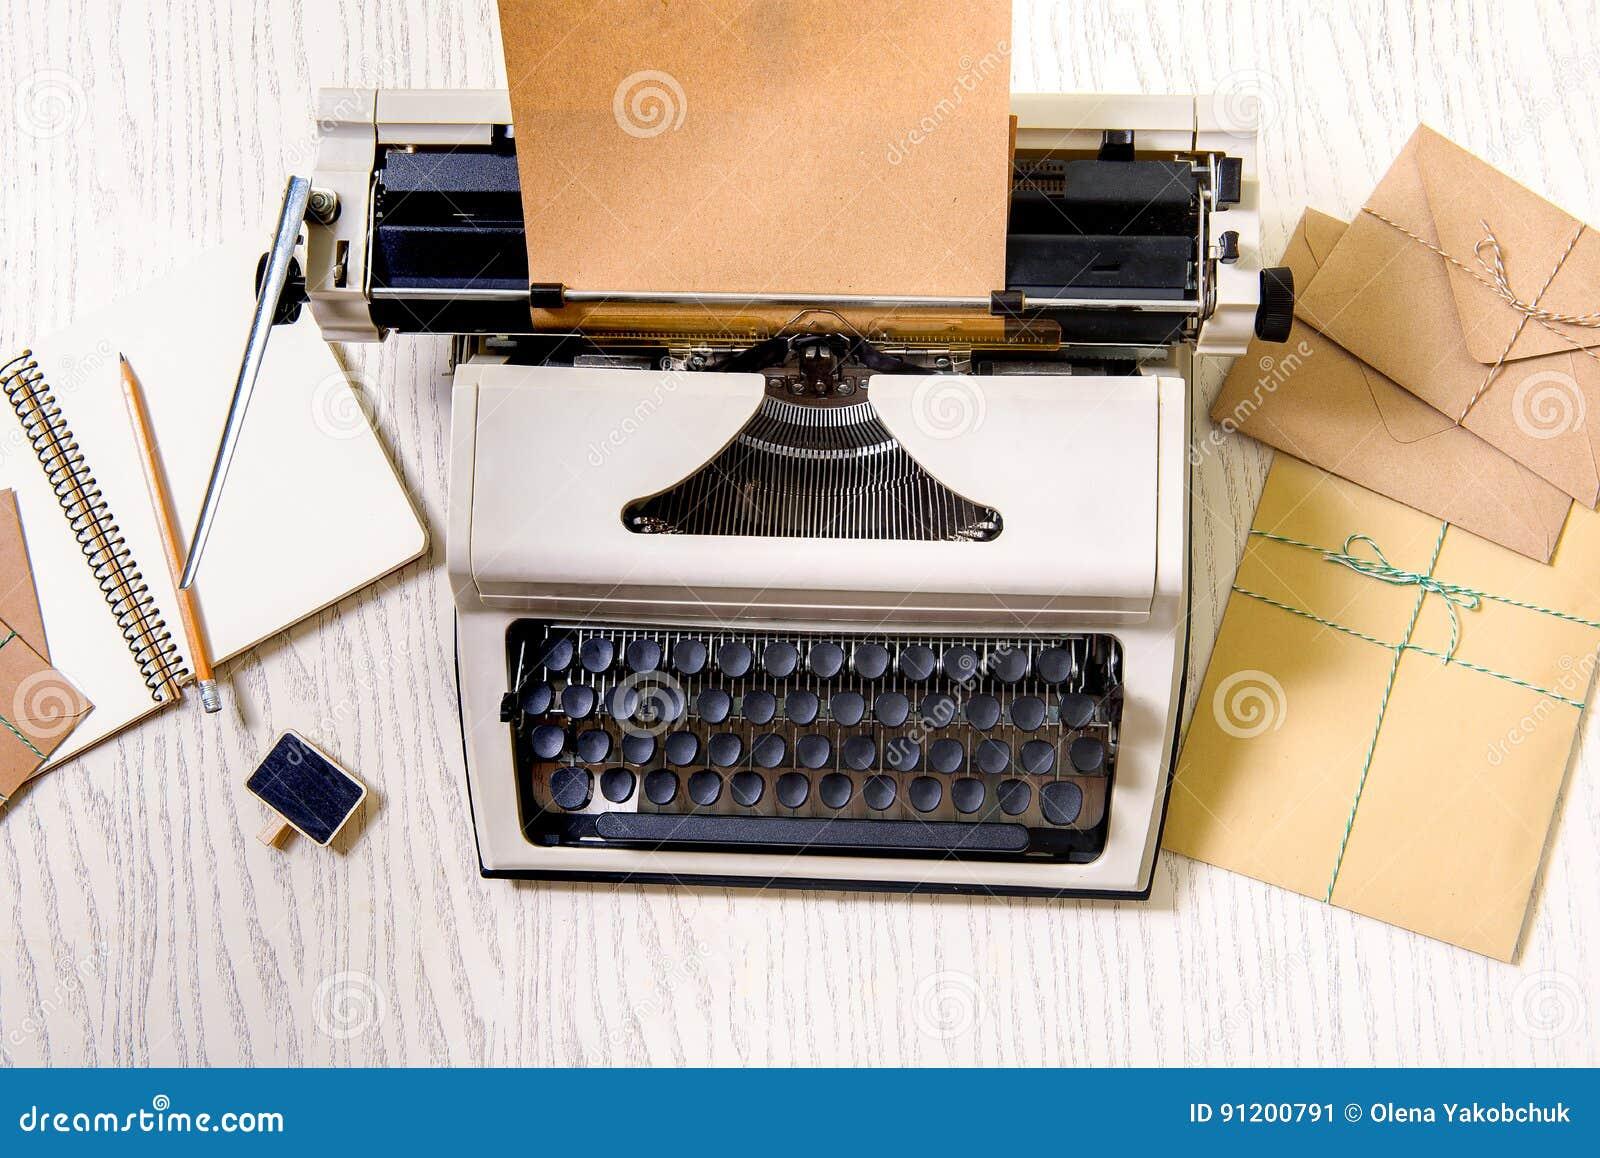 writing on typewriter vs computer